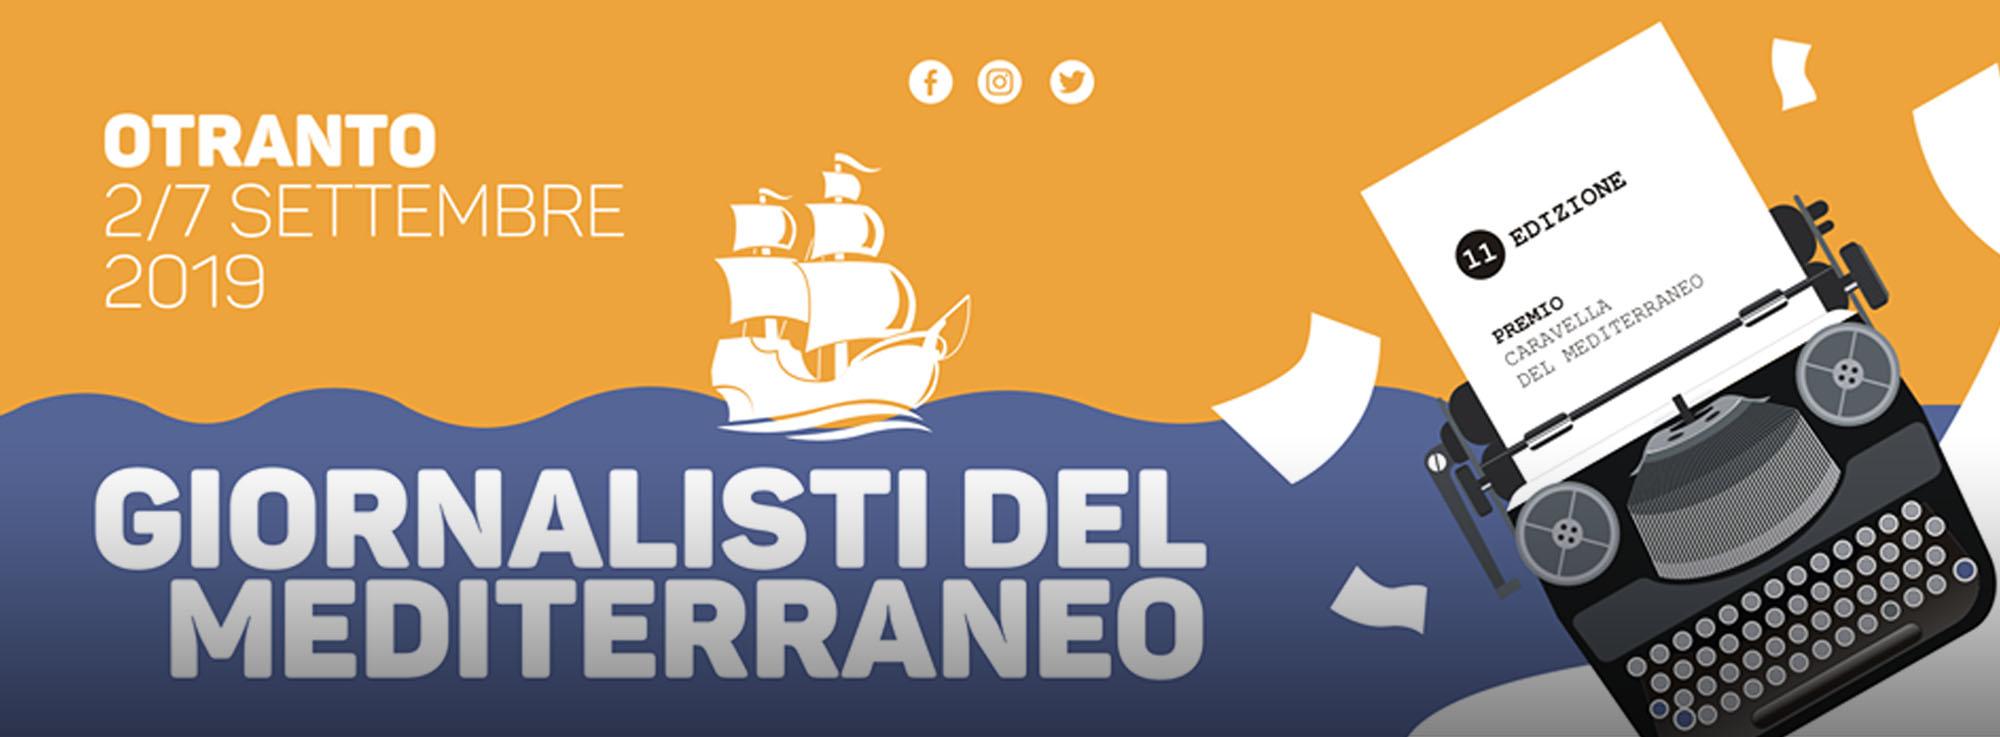 Otranto: Festival Giornalisti del Mediterraneo